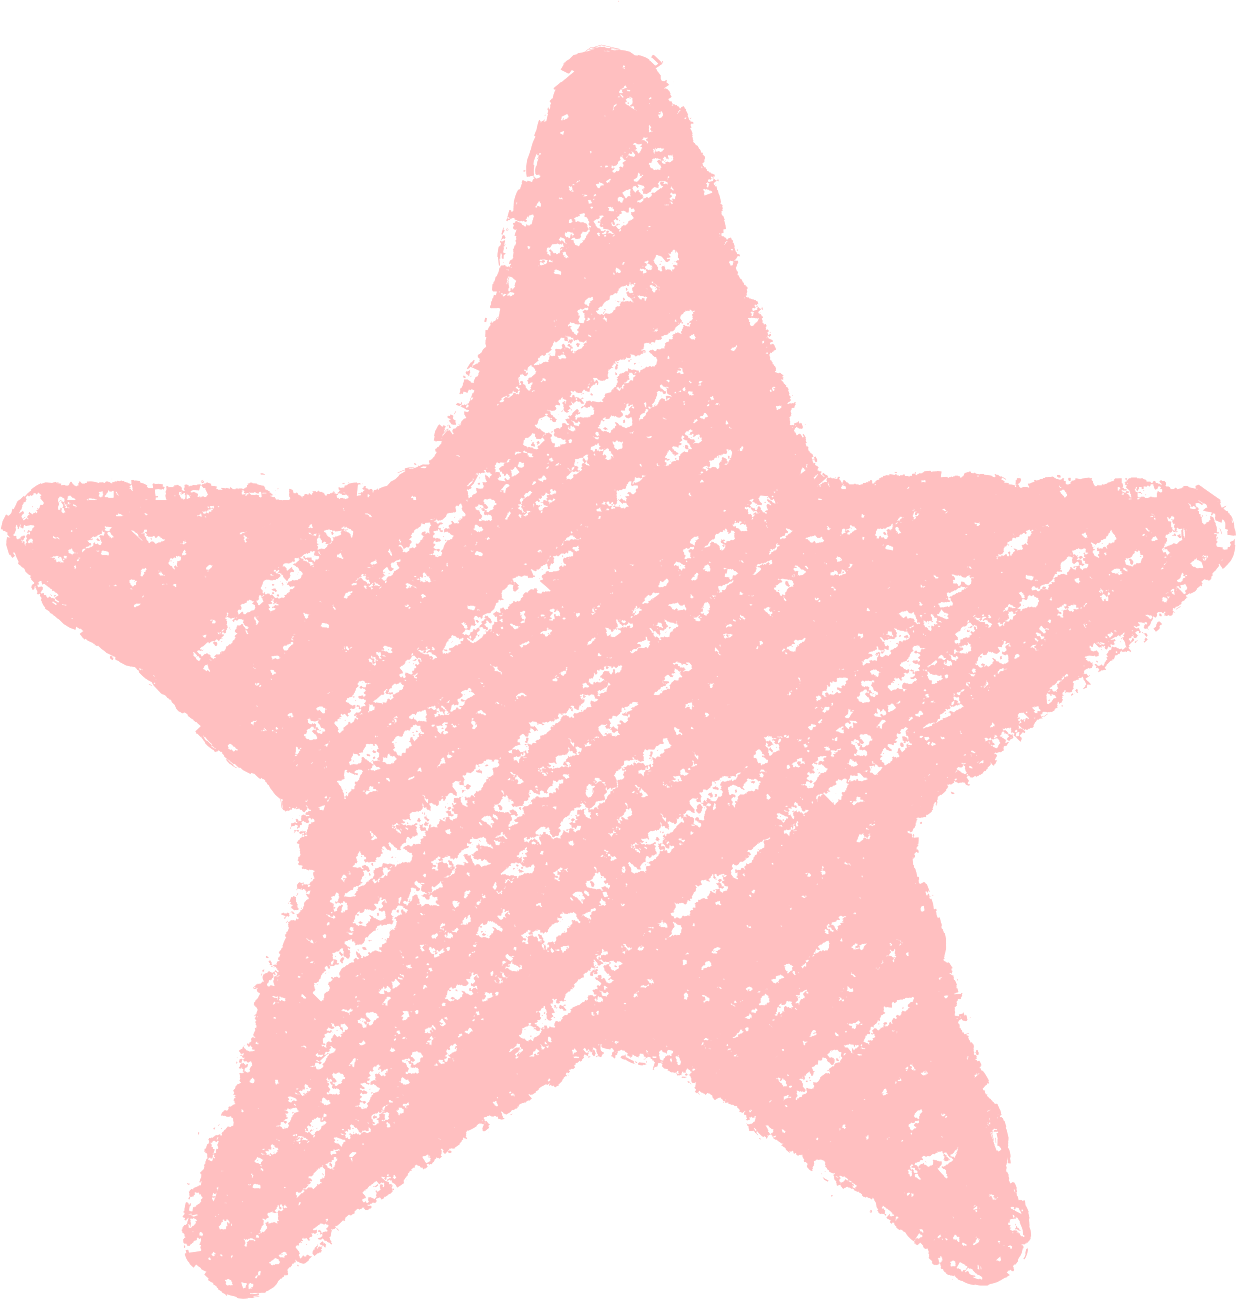 クレヨン塗り背景 パステル 赤色 新(レッド)星のイラスト star_l_red